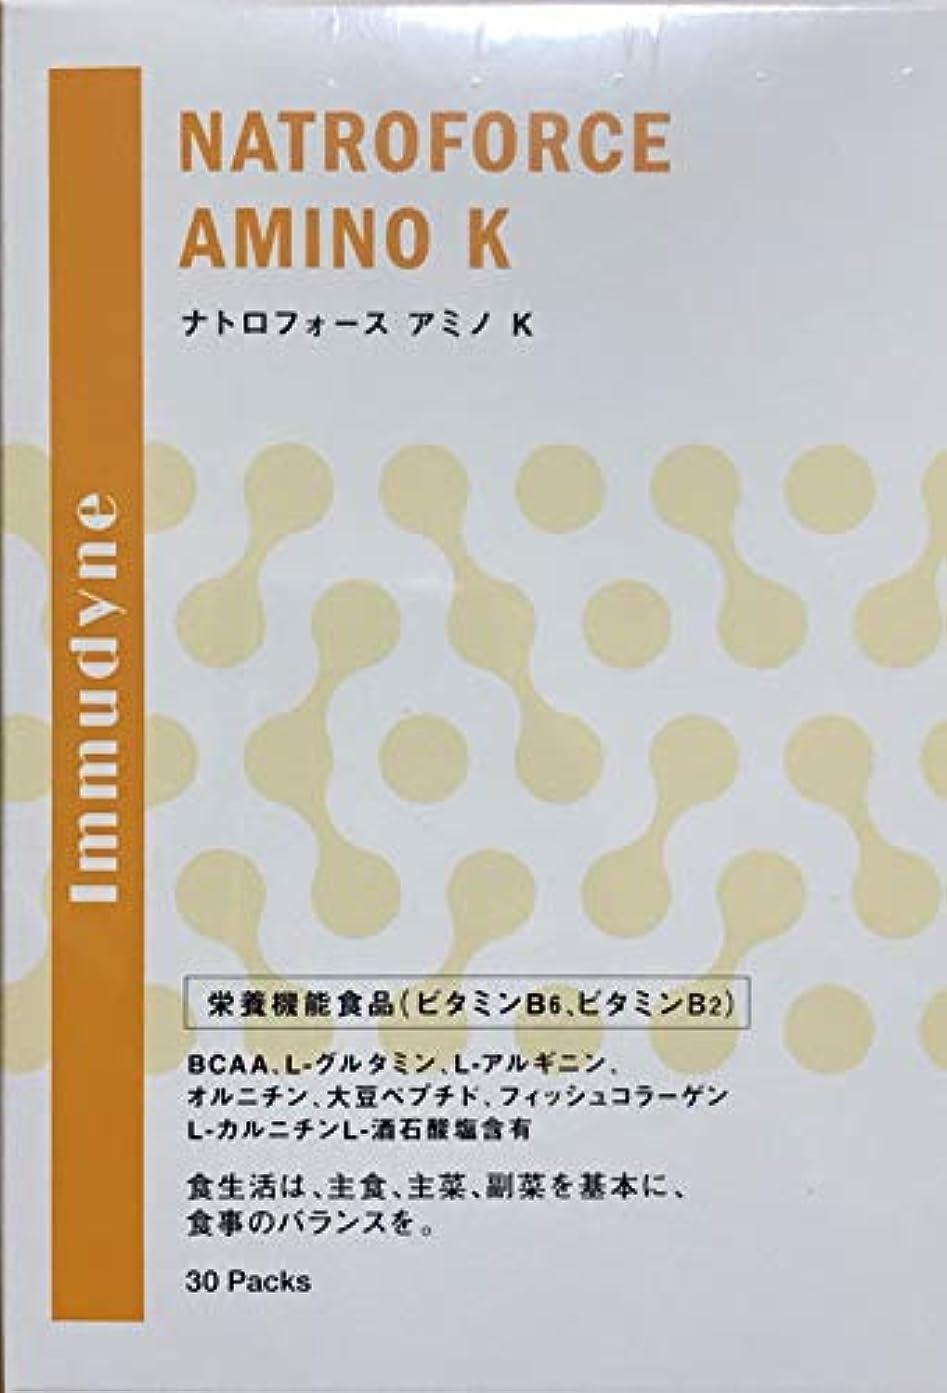 厚さメロドラマみナトロフォースアミノK【アミノ酸サプリメント】